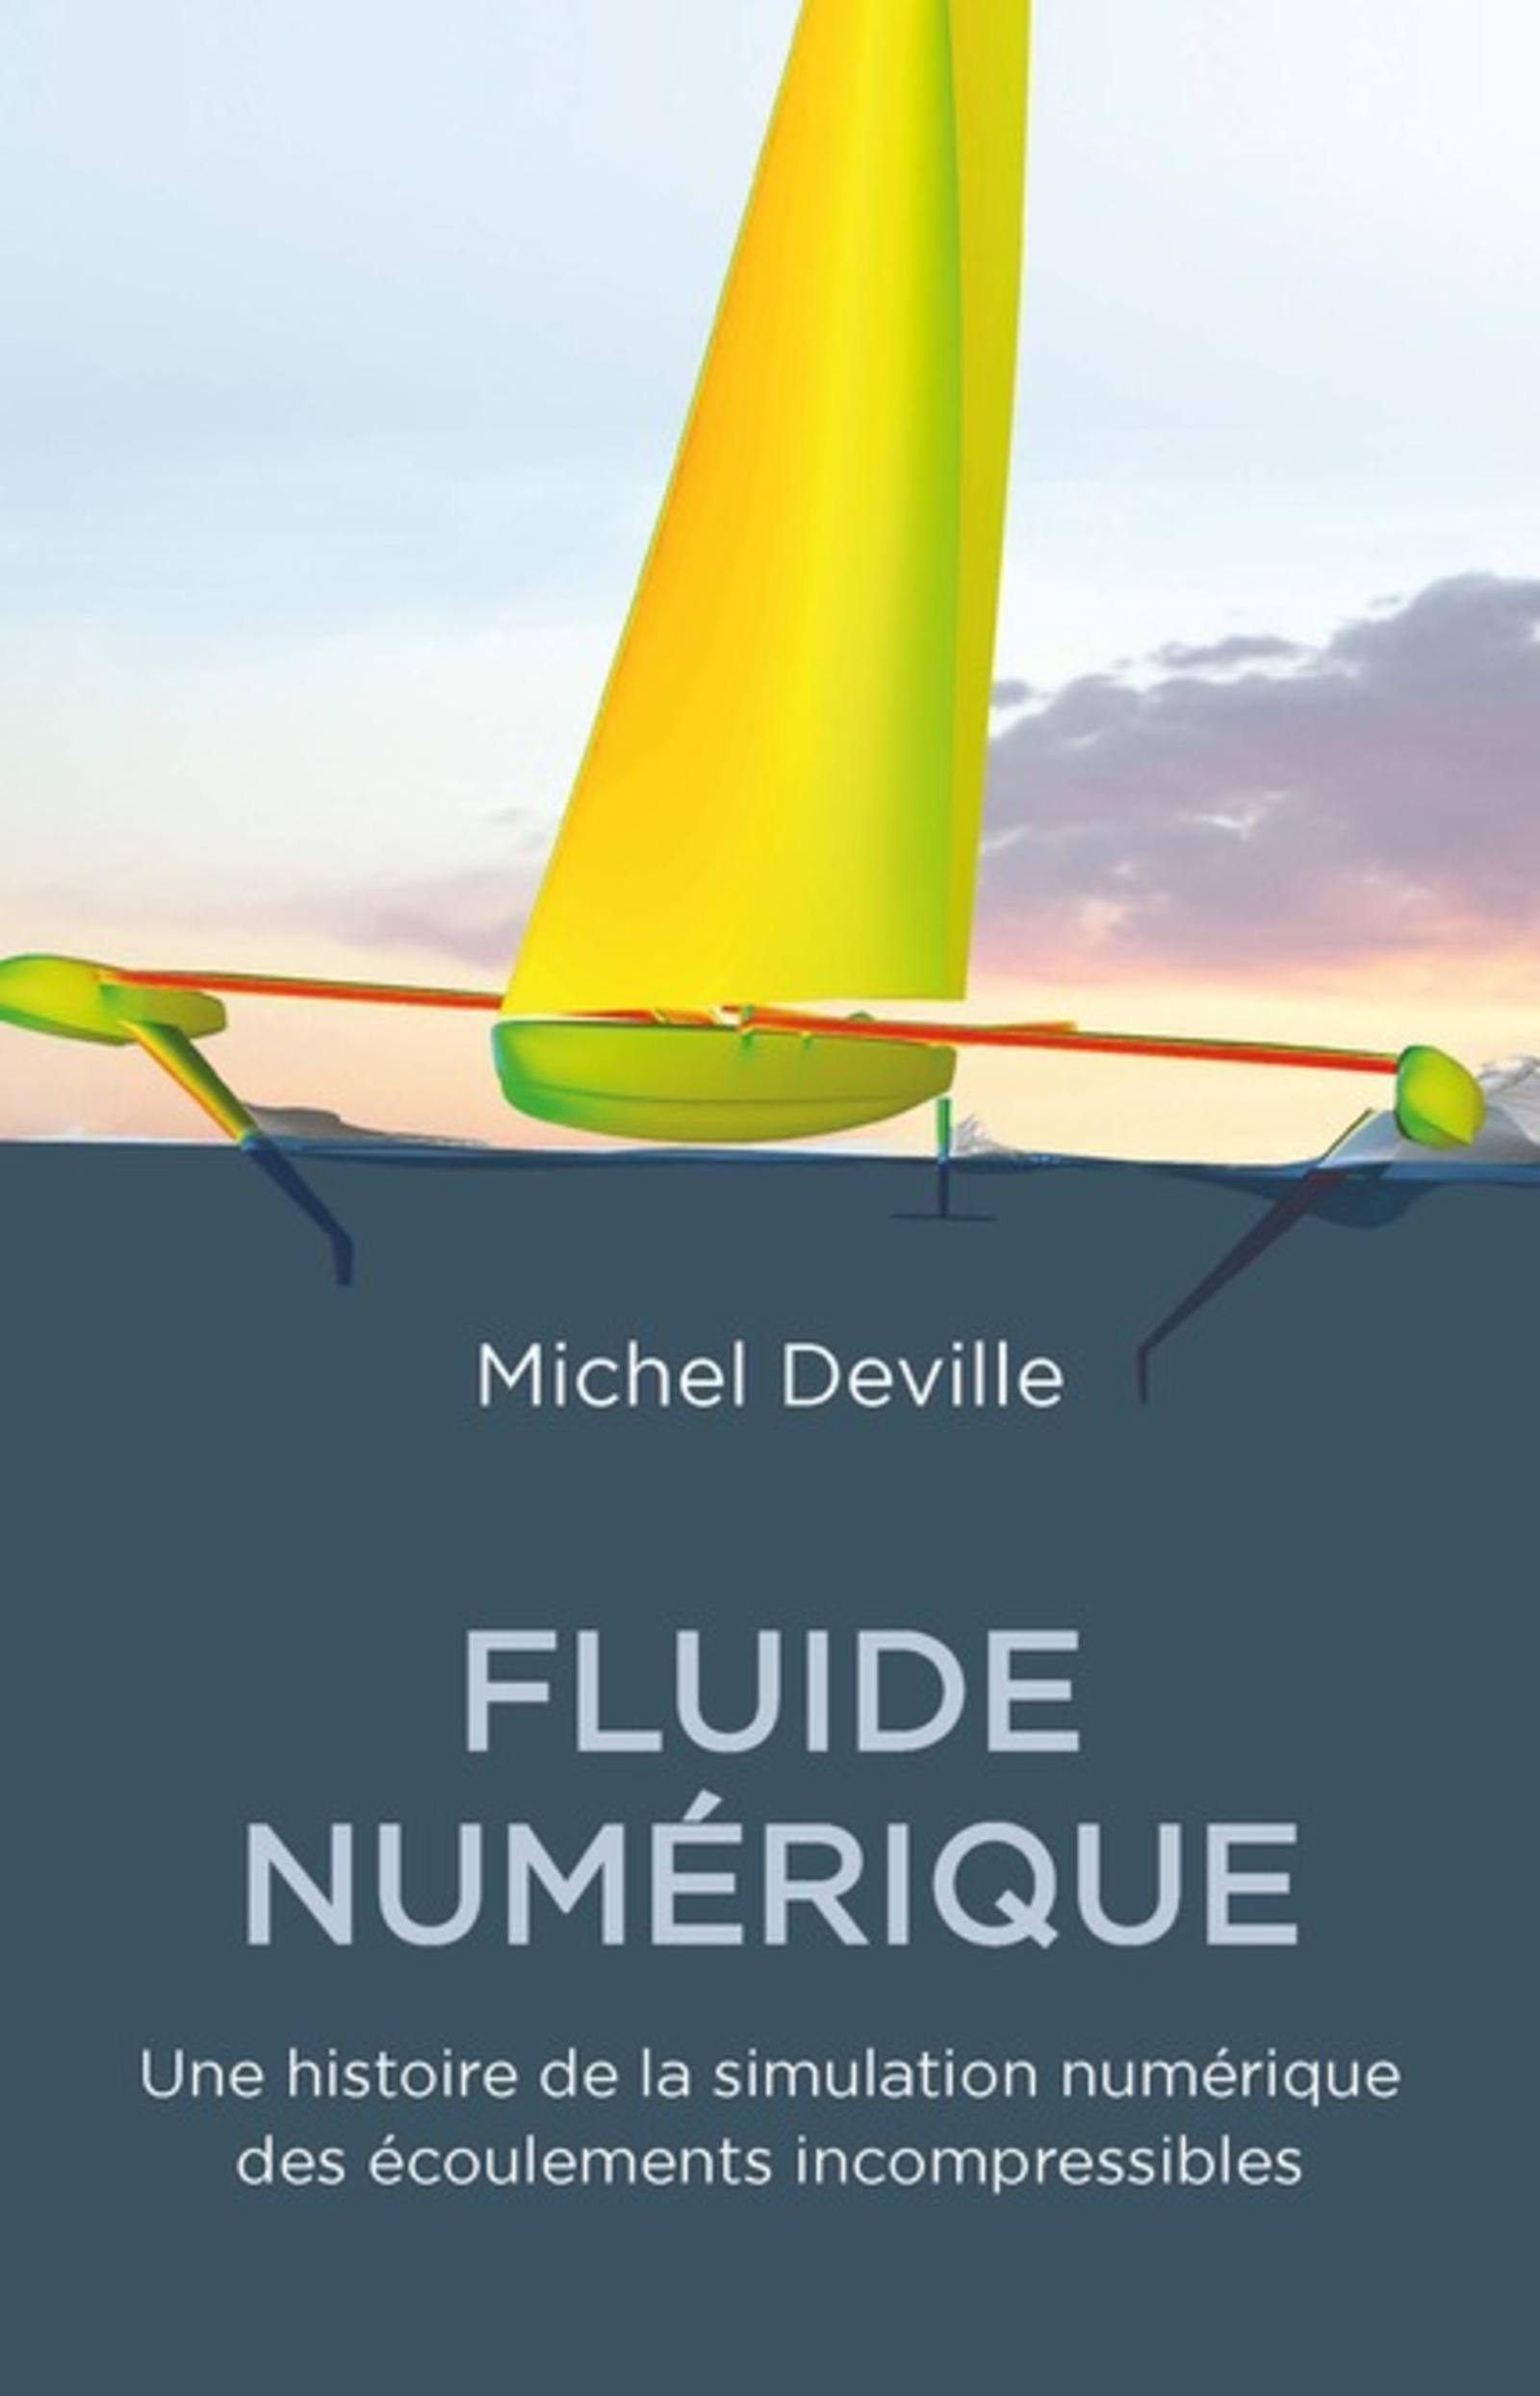 FLUIDES NUMERIQUES - UNE HISTOIRE DE LA SIMULATION NUMERIQUE DES ECOULEMENTS